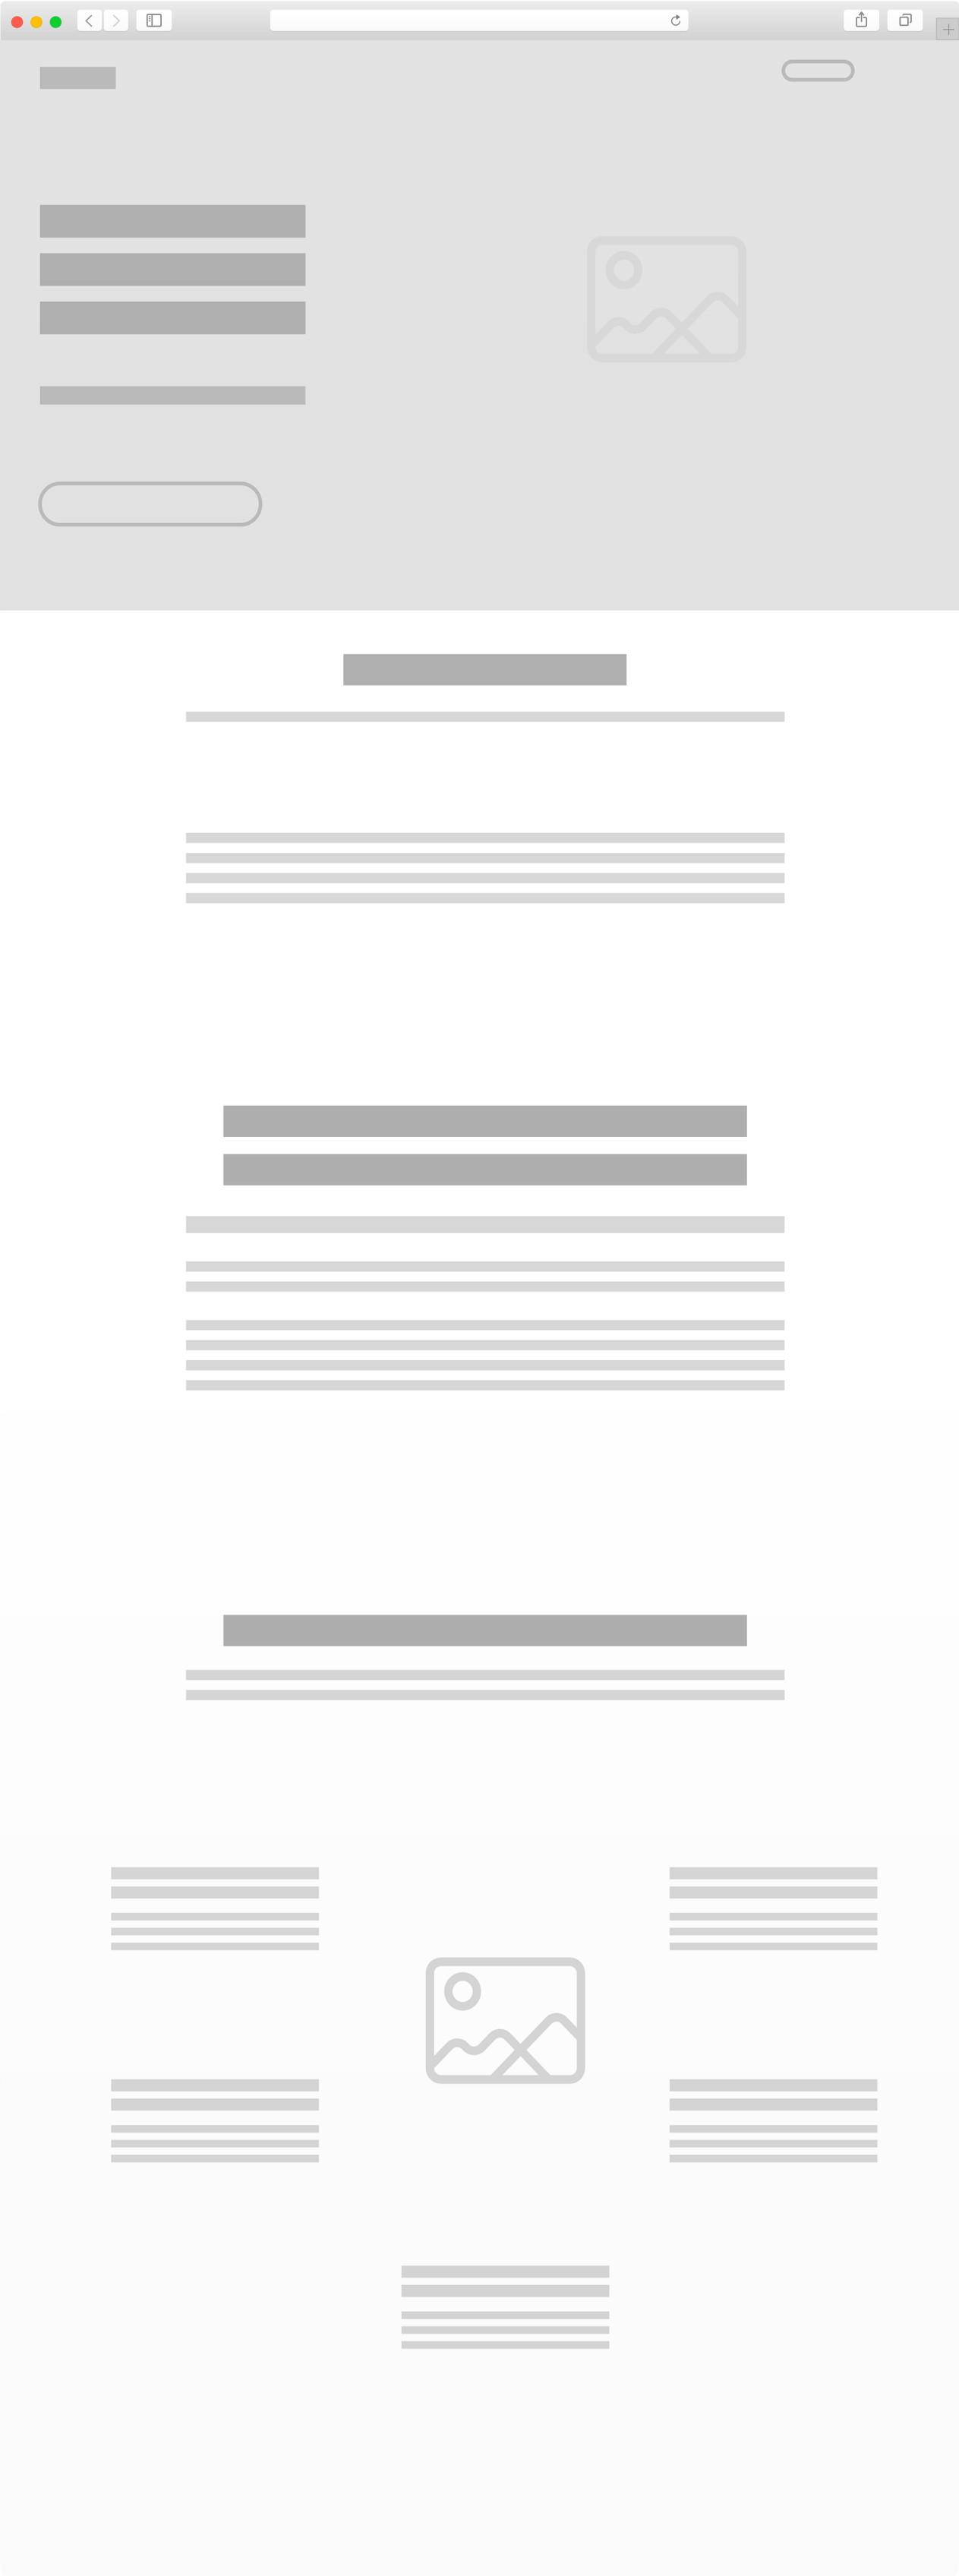 Loof desenvolvimento do mockup, Web design